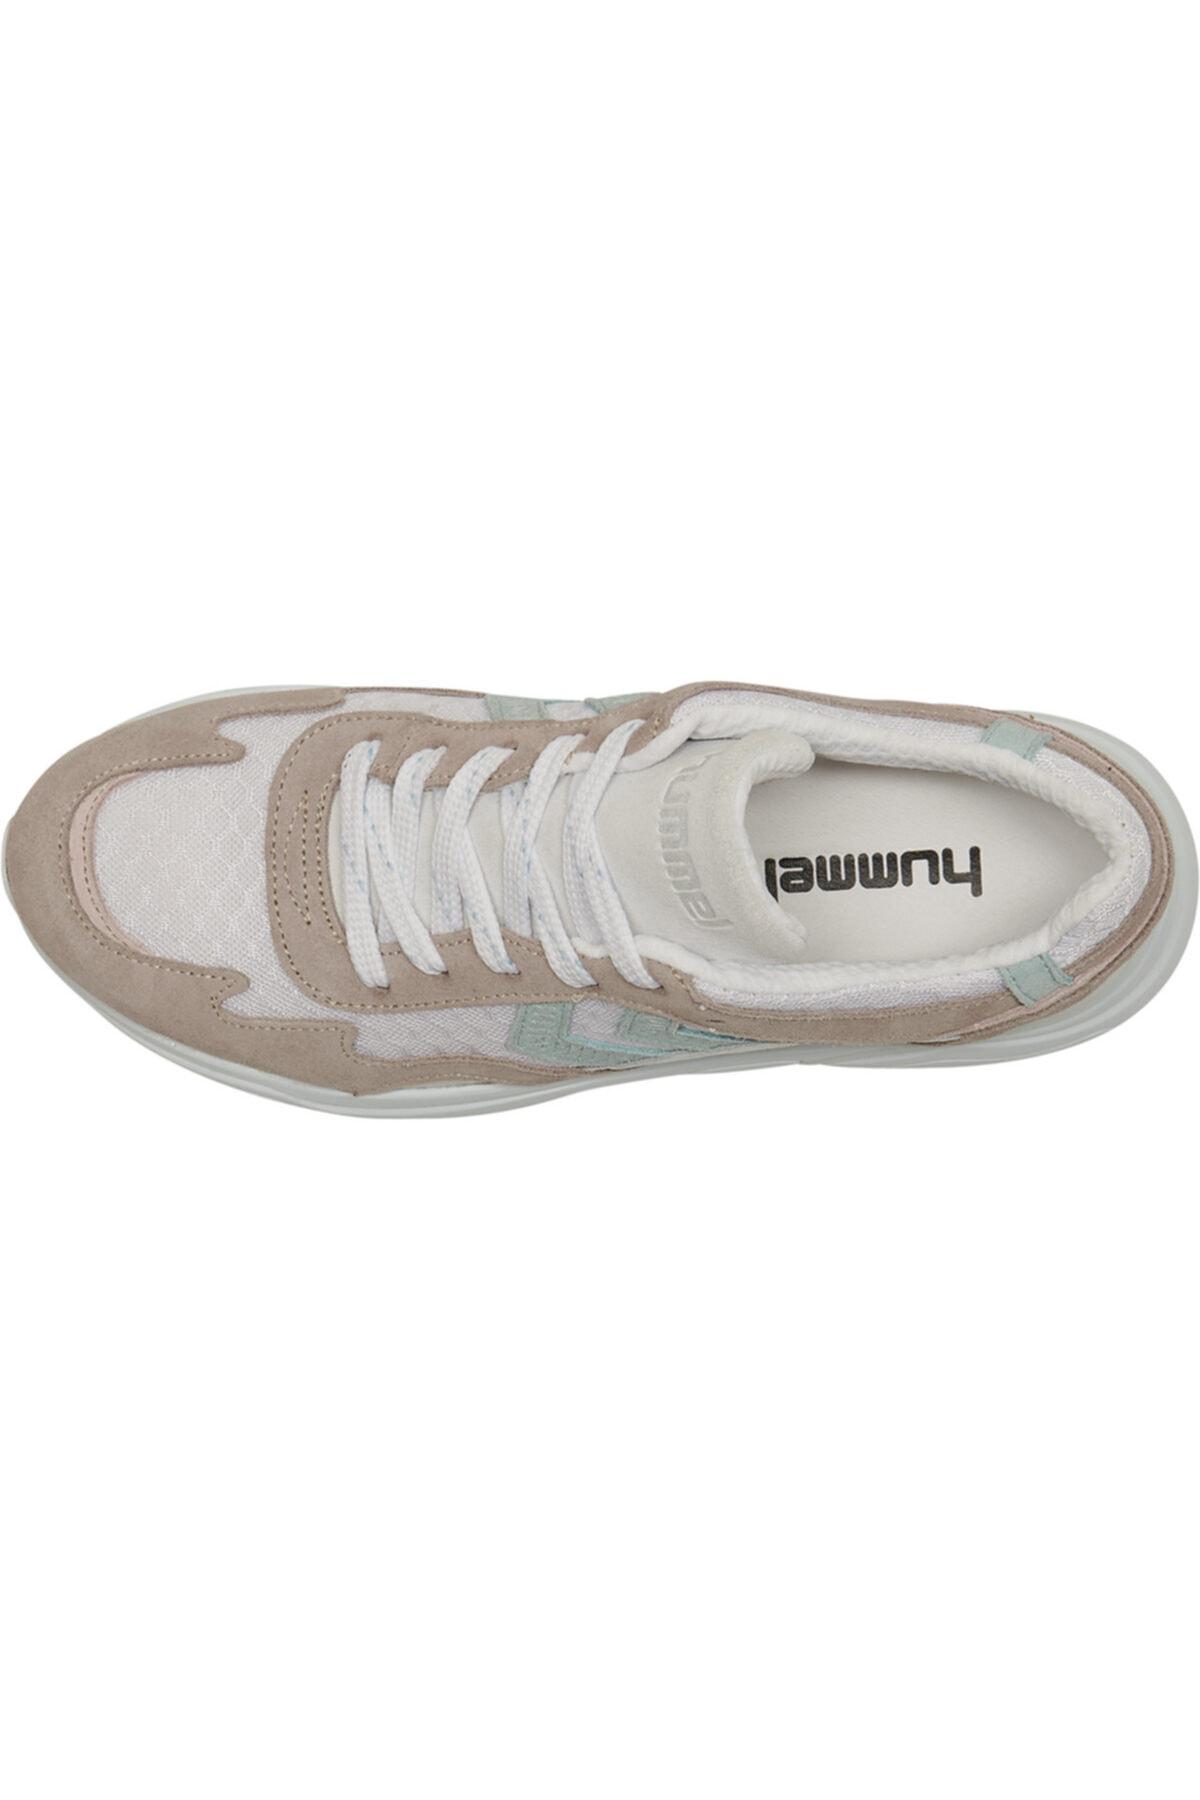 HUMMEL Unisex Sporcu Sütyeniga Ayakkabı 2